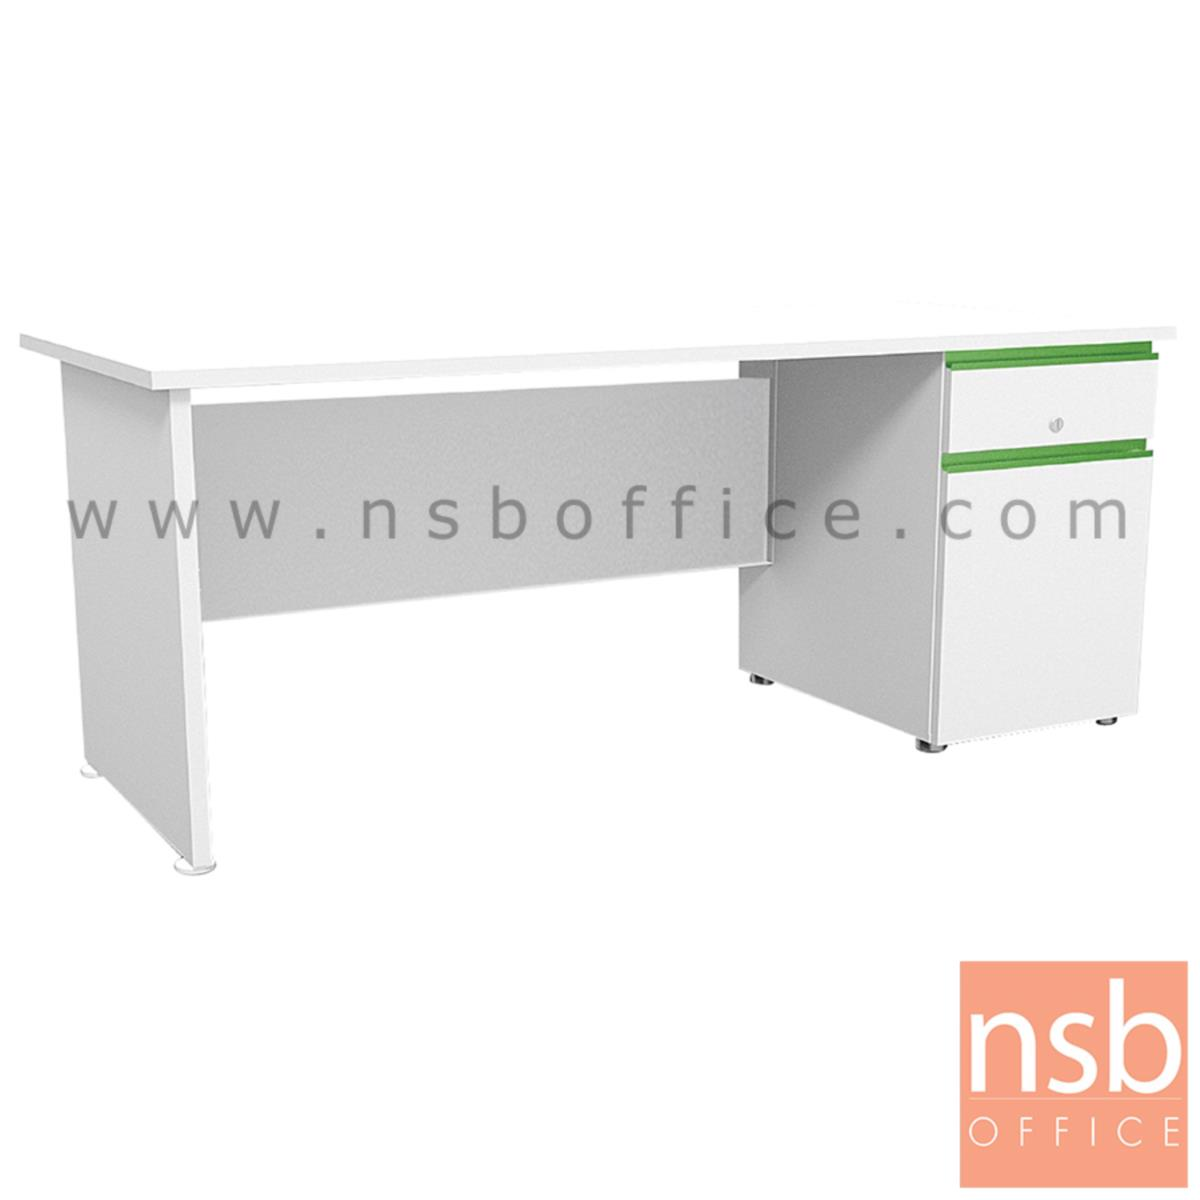 โต๊ะทำงานสีสัน 1 ลิ้นชัก 1 บานเปิด  รุ่น Nexzone (เน็กซ์โซน) ขนาด 120W ,155W cm. มือจับรางอลูมินั่ม